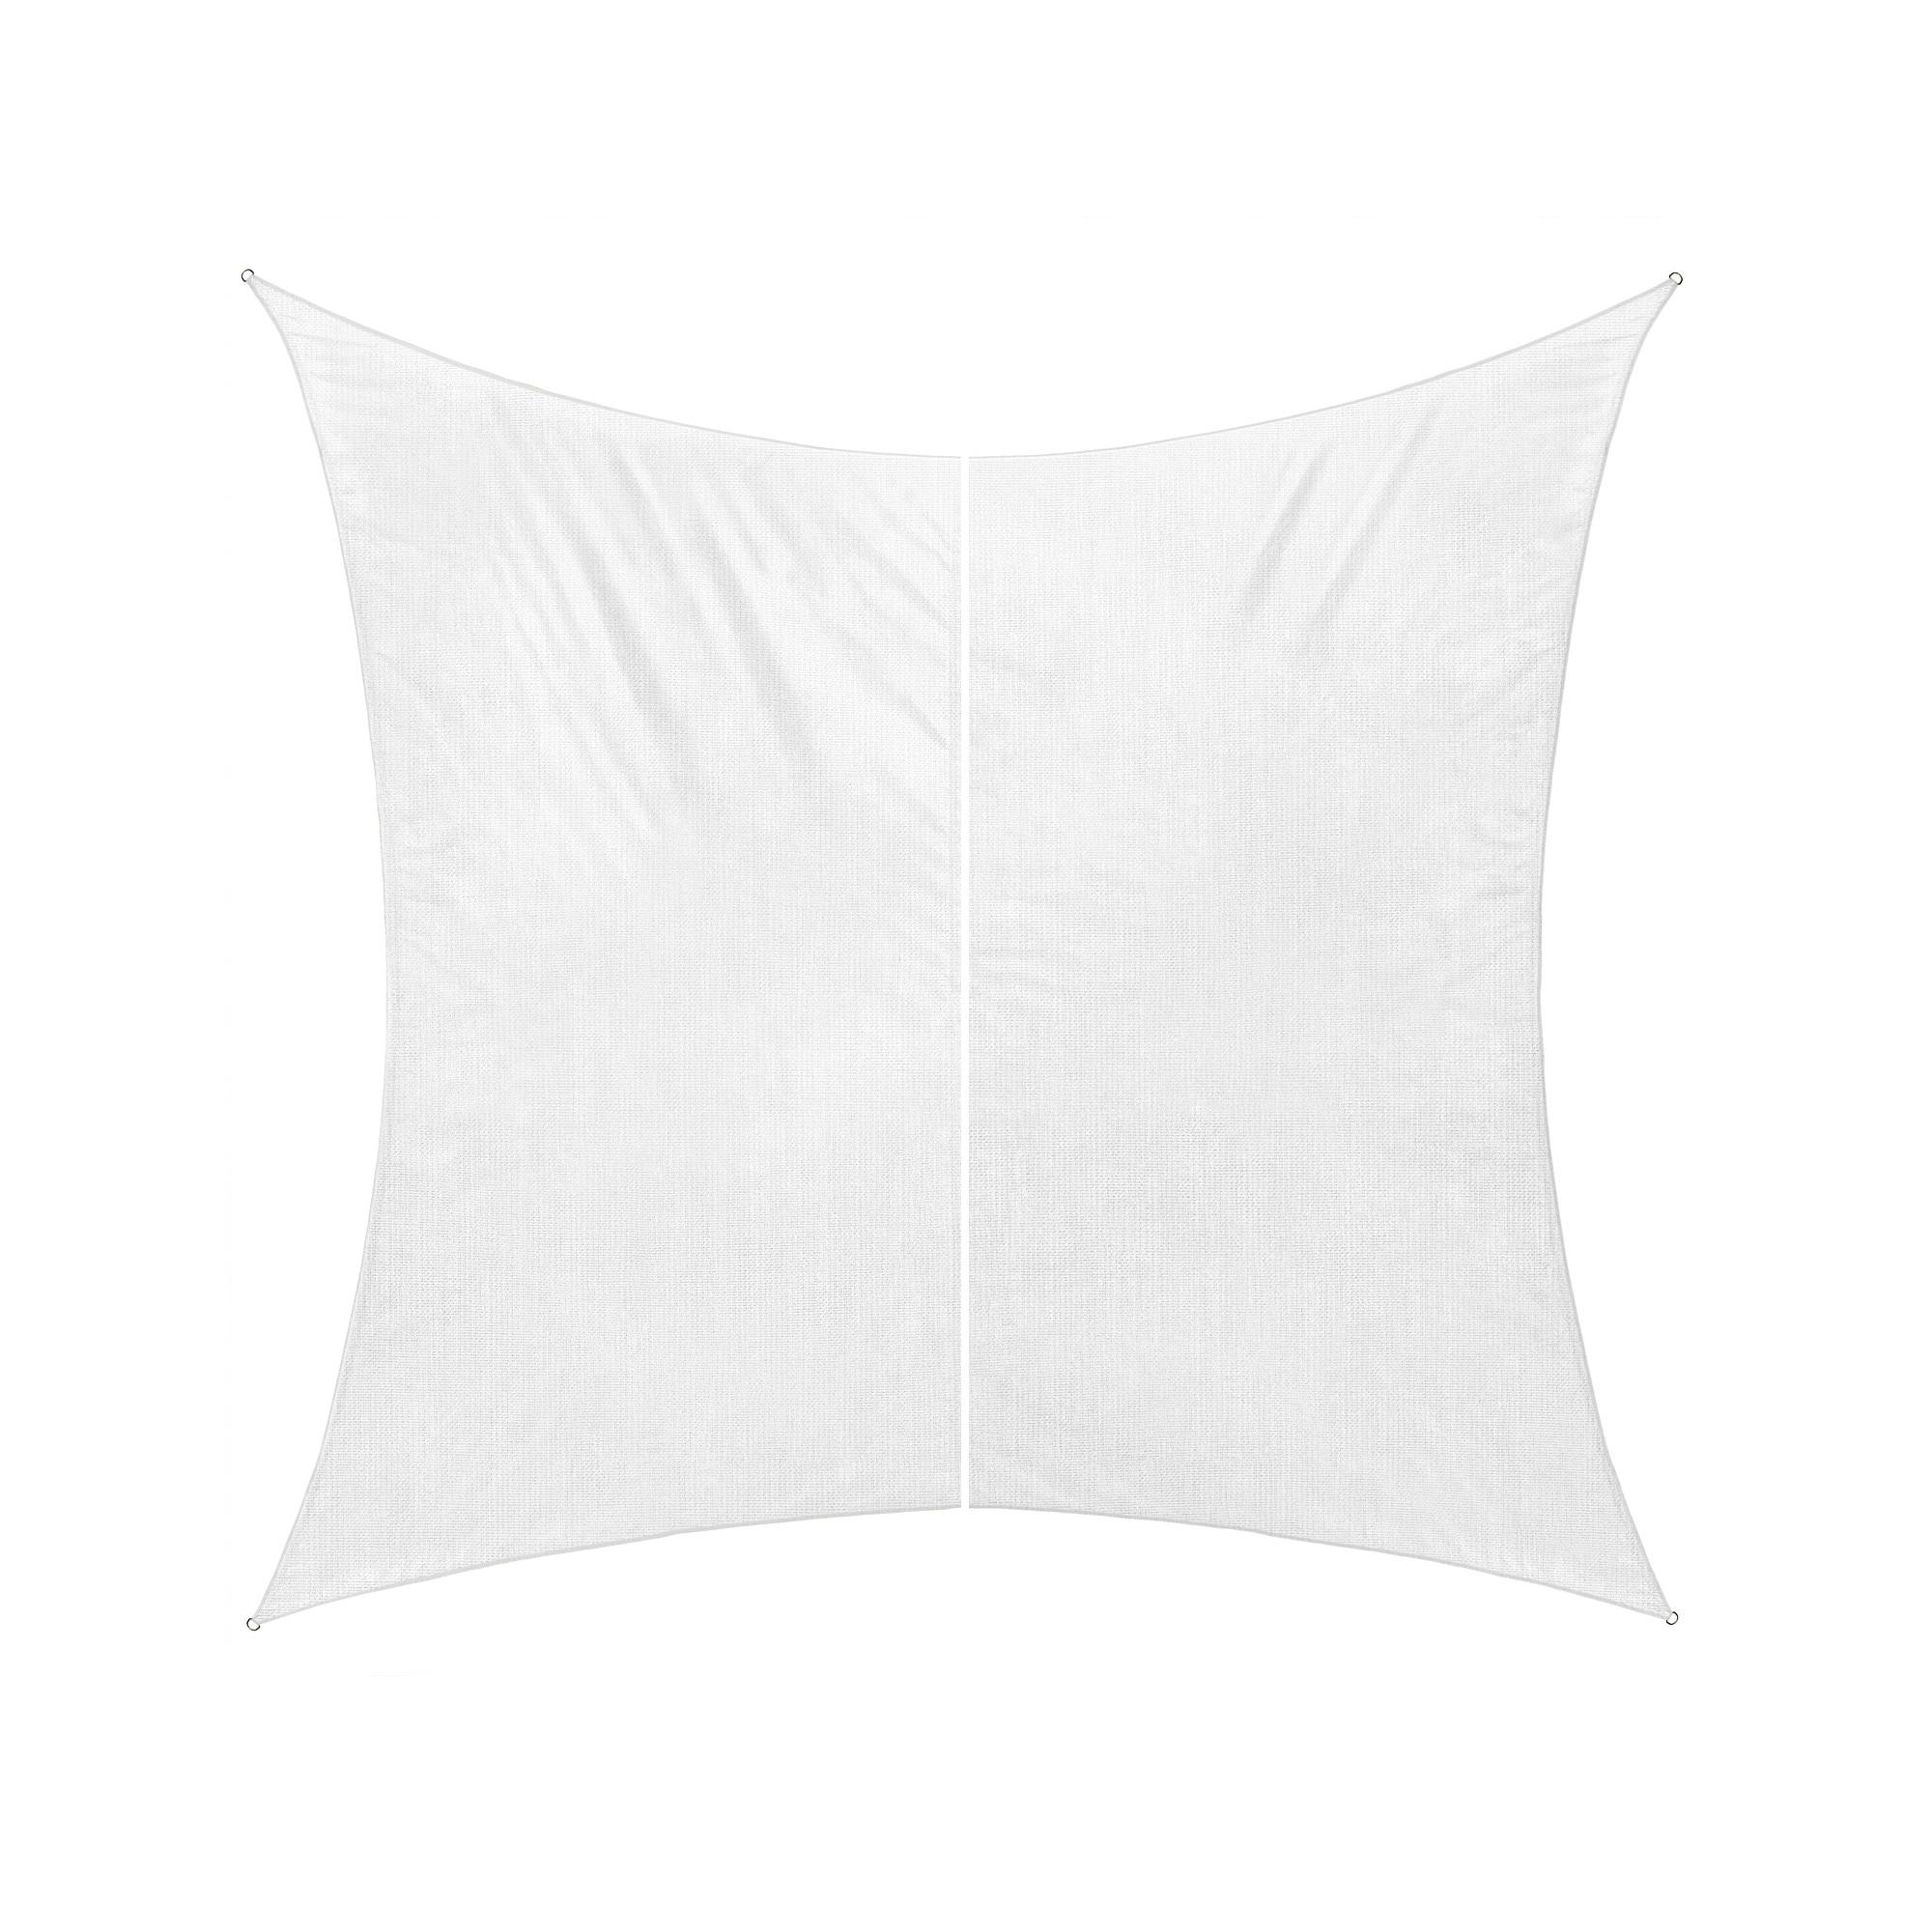 sonnensegel sonnenschutzsegel quadrat viereck rechteck windschutz viereckig. Black Bedroom Furniture Sets. Home Design Ideas